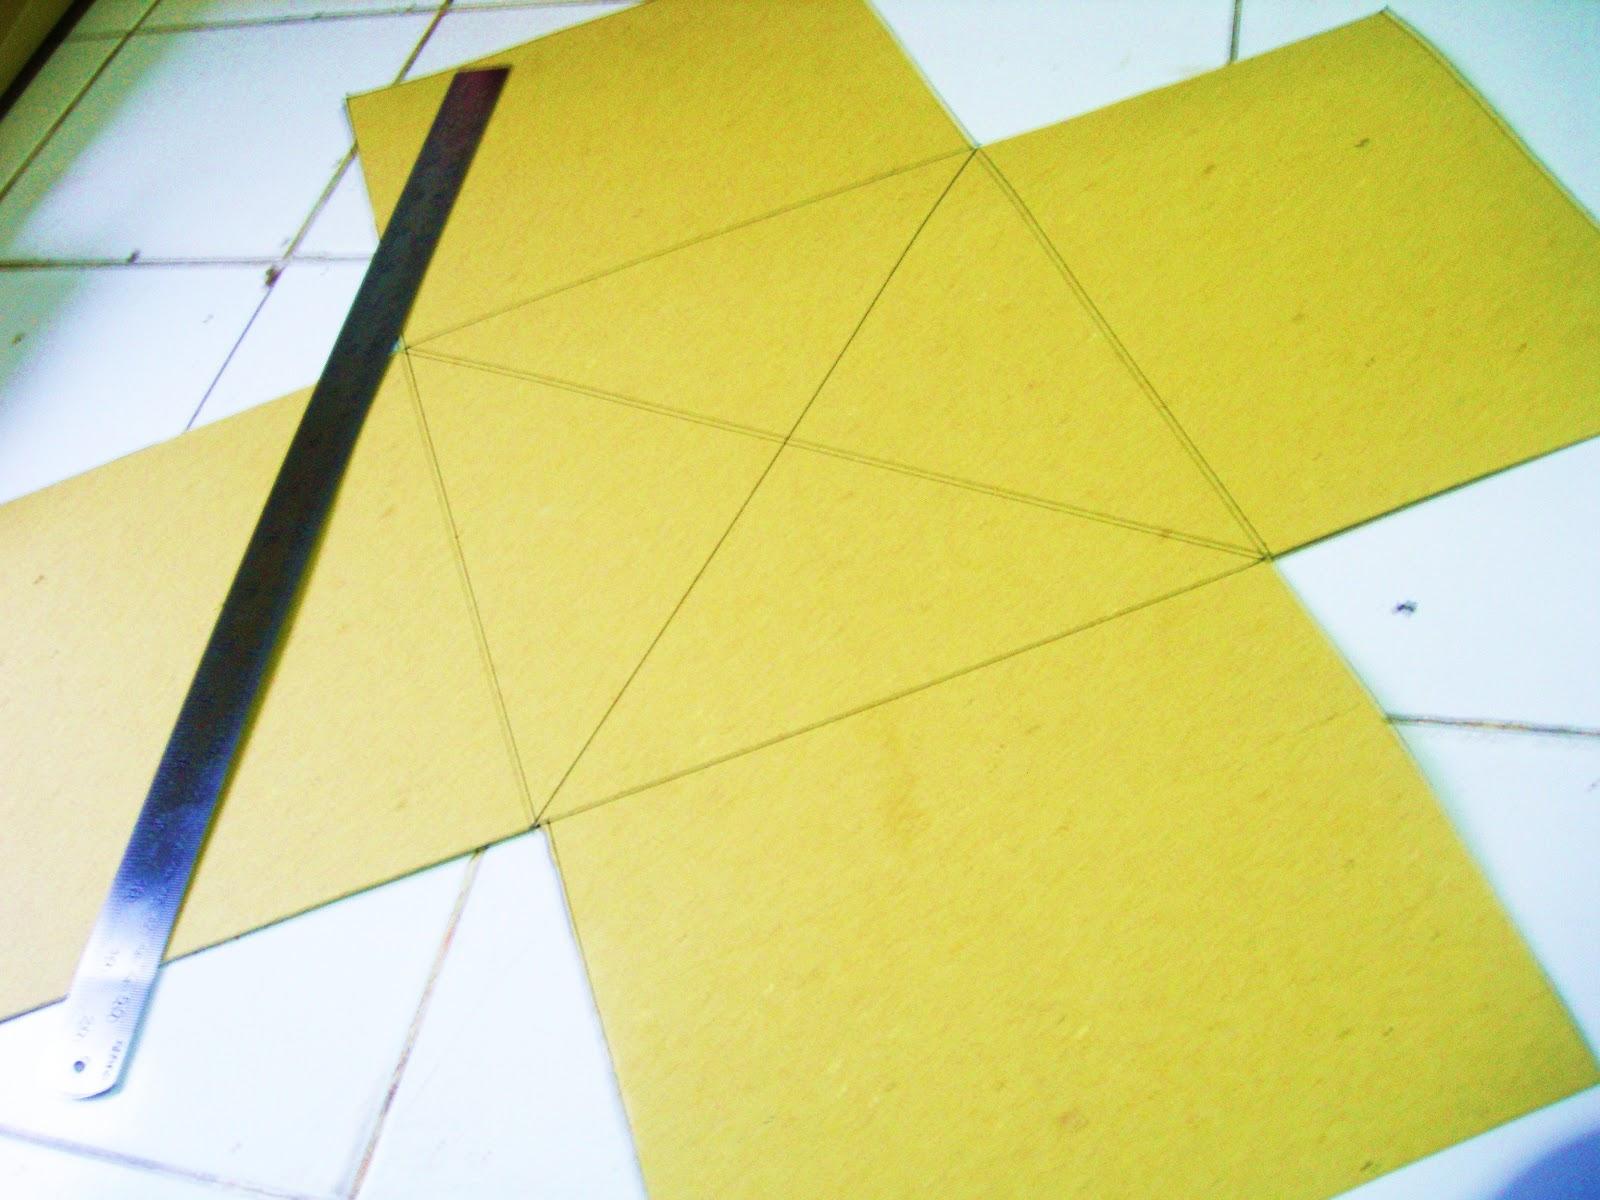 Buat lingkaran di tengah pola seperti digambar, diameter lingkaran ...